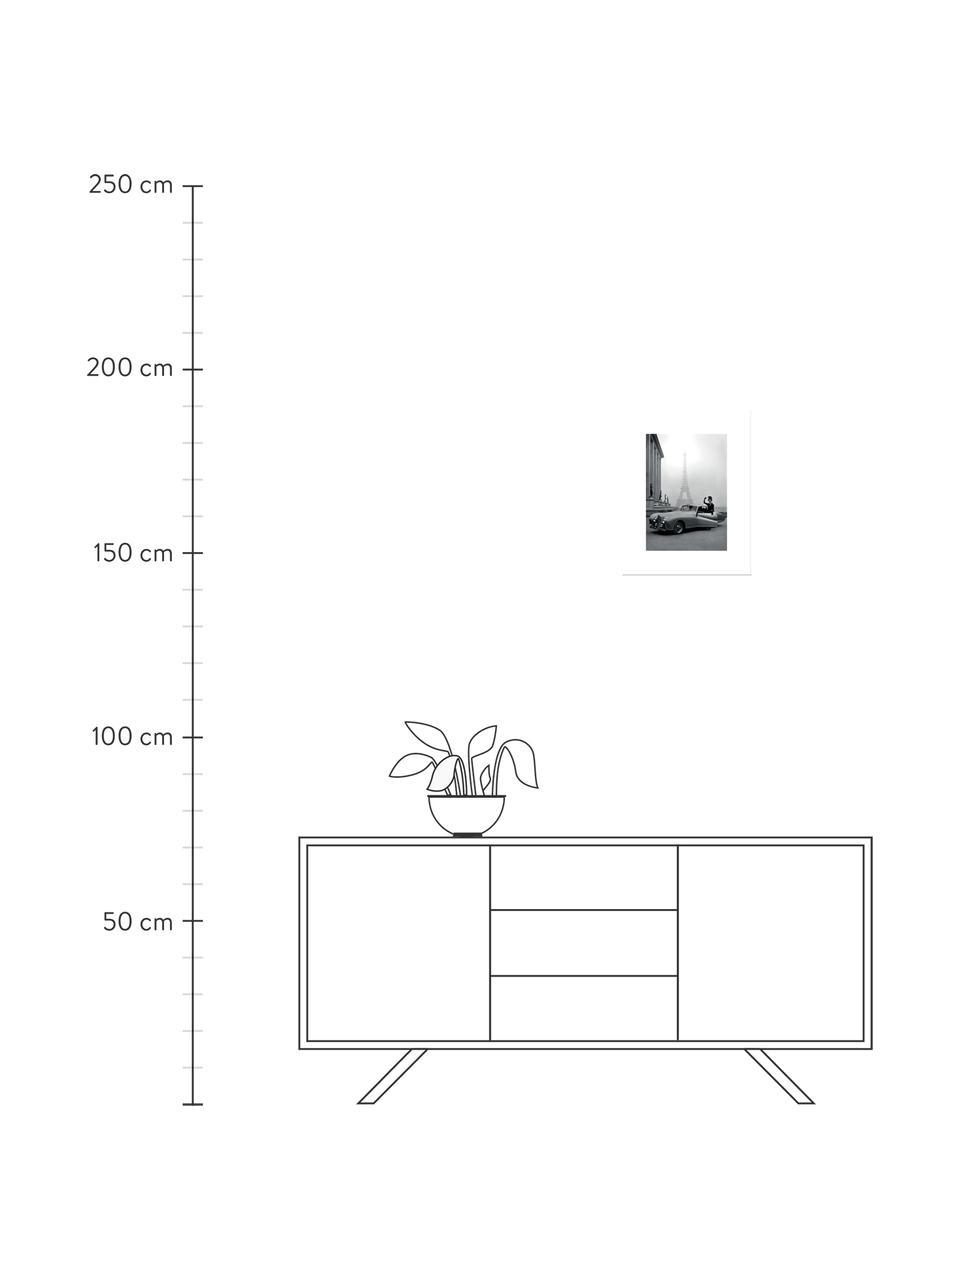 Gerahmter Digitaldruck France 1947, Bild: Digitaldruck auf Papier, Rahmen: Kunststoff (PU), Front: Glas, Rückseite: Mitteldichte Faserplatte , Bild: Schwarz, WeißRahmen: Schwarz, 35 x 45 cm